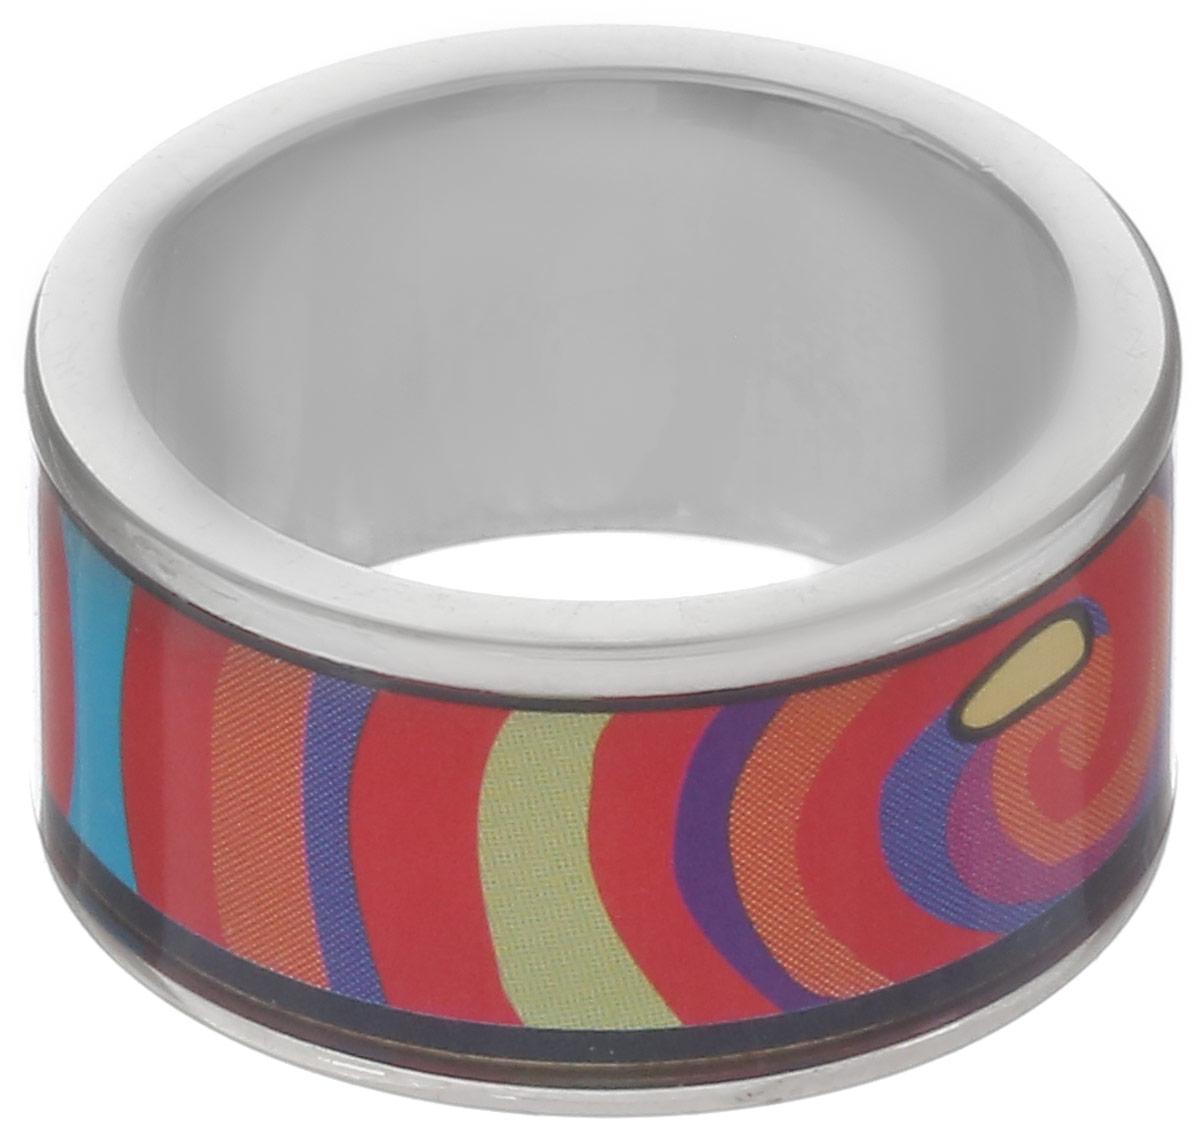 Кольцо Art-Silver, цвет: серебристый, красный, синий. ФК115-1-320. Размер 17,5Коктейльное кольцоСтильное кольцо Art-Silver изготовлено из бижутерного сплава. Изделие оформлено оригинальным принтом и покрыто эмалью.Стильное кольцо придаст вашему образу изюминку и подчеркнет индивидуальность.